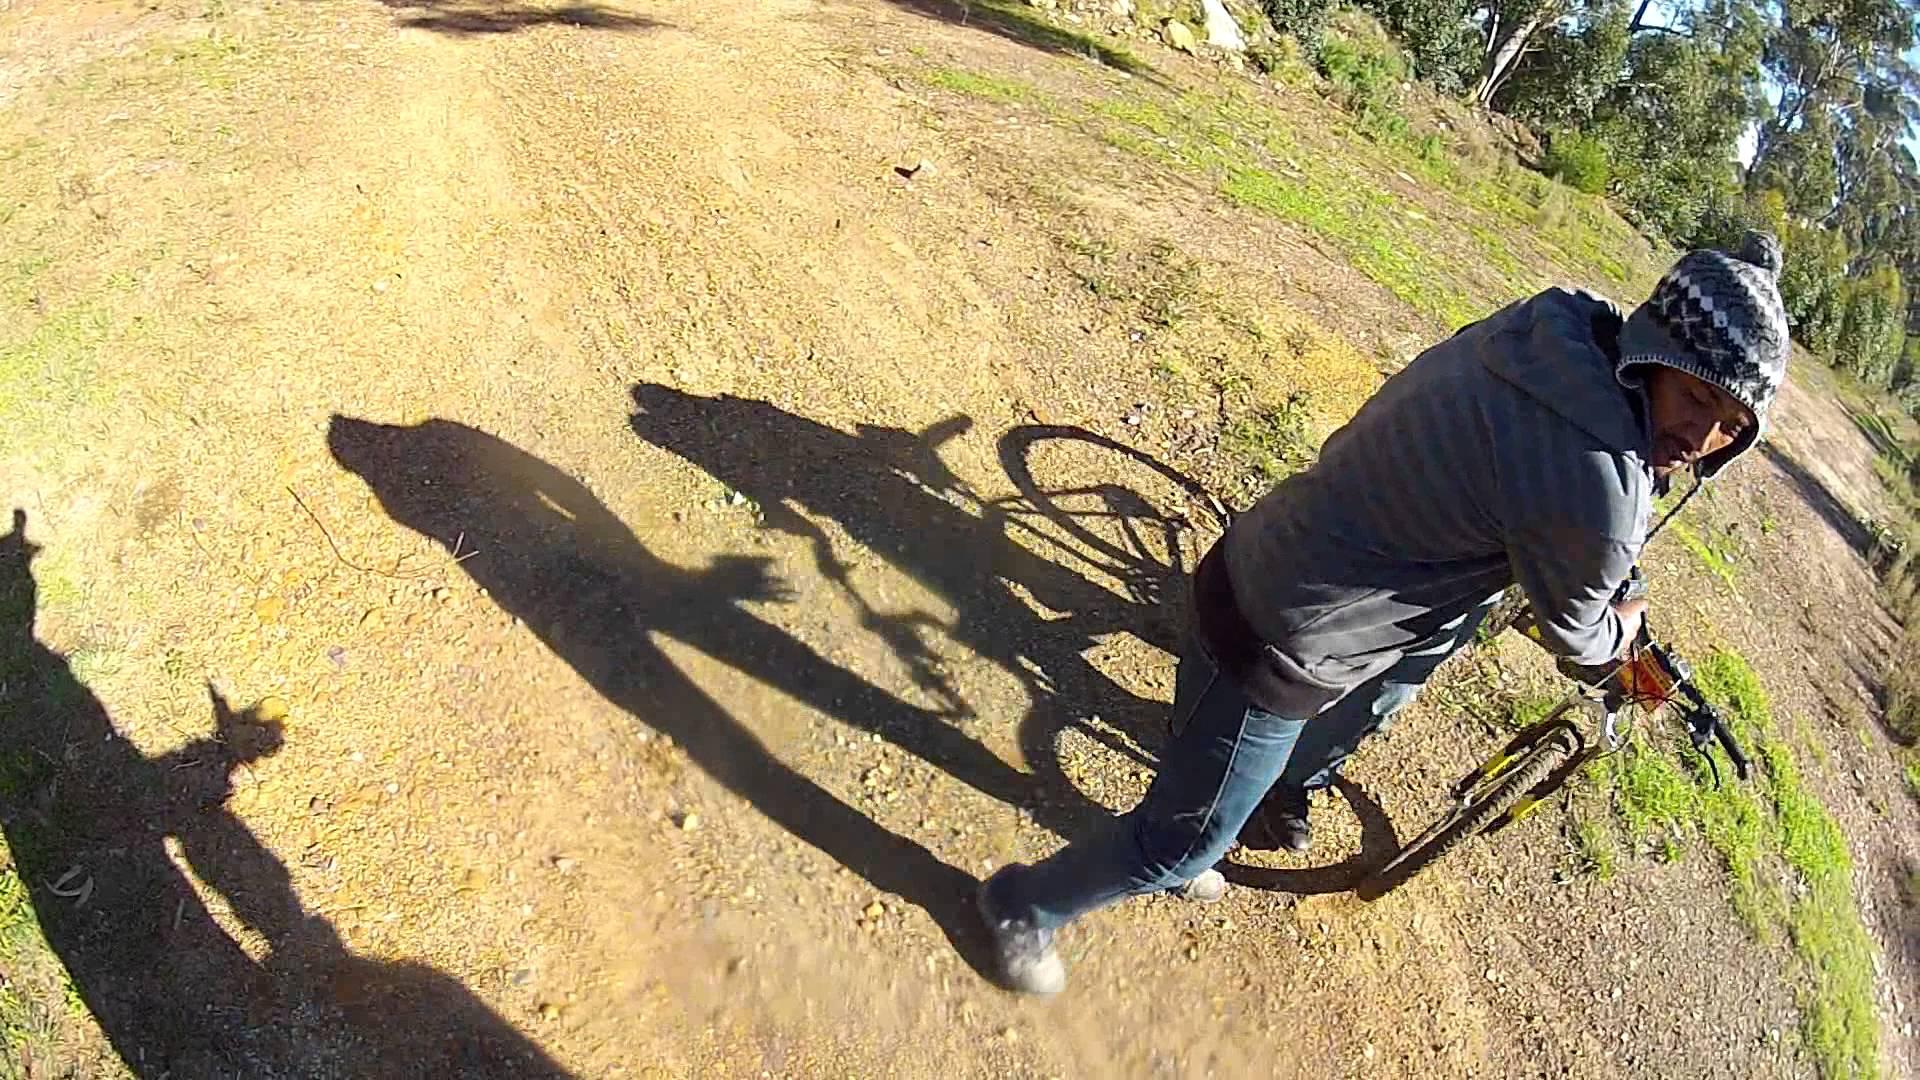 Ciclista grava vídeo do roubo da sua bicicleta